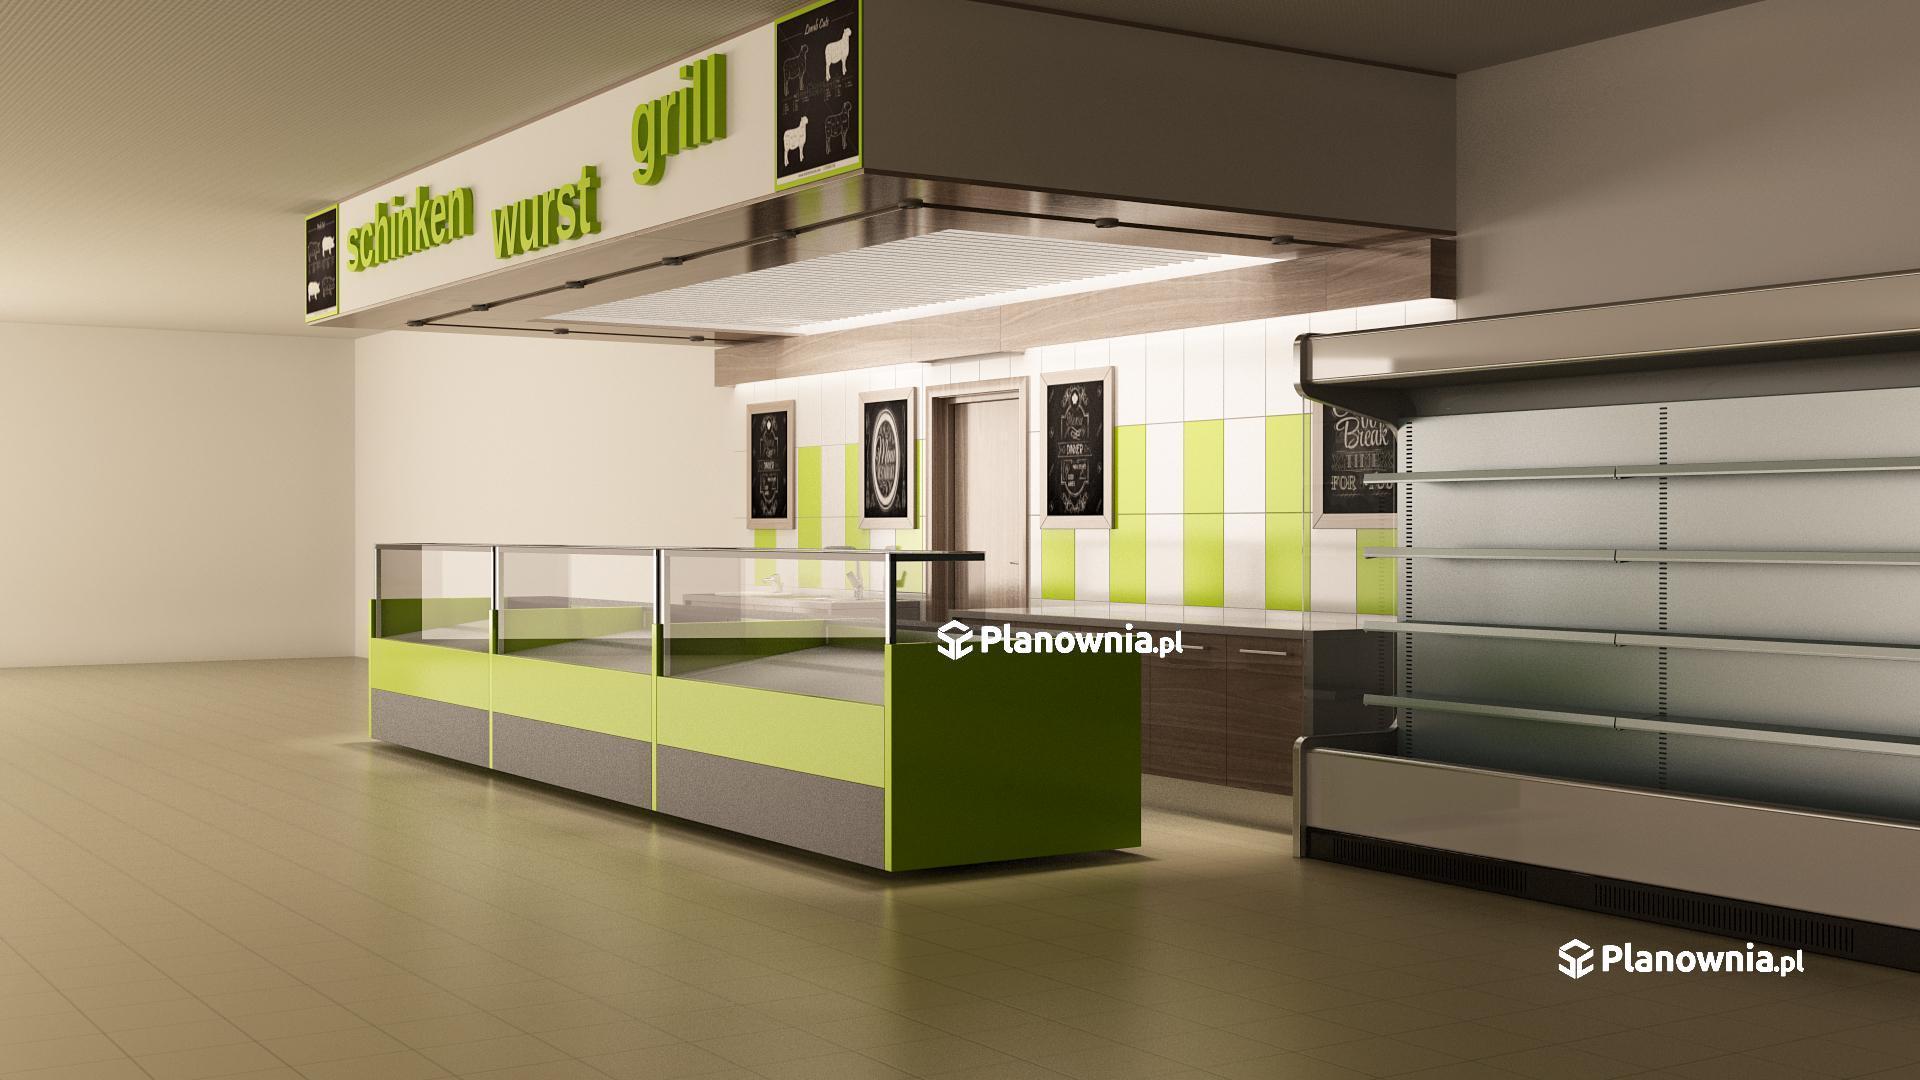 Modernistyczne Projektowanie sklepów spożywczych, odzieżowych, budowlanych, drogerii ZW53